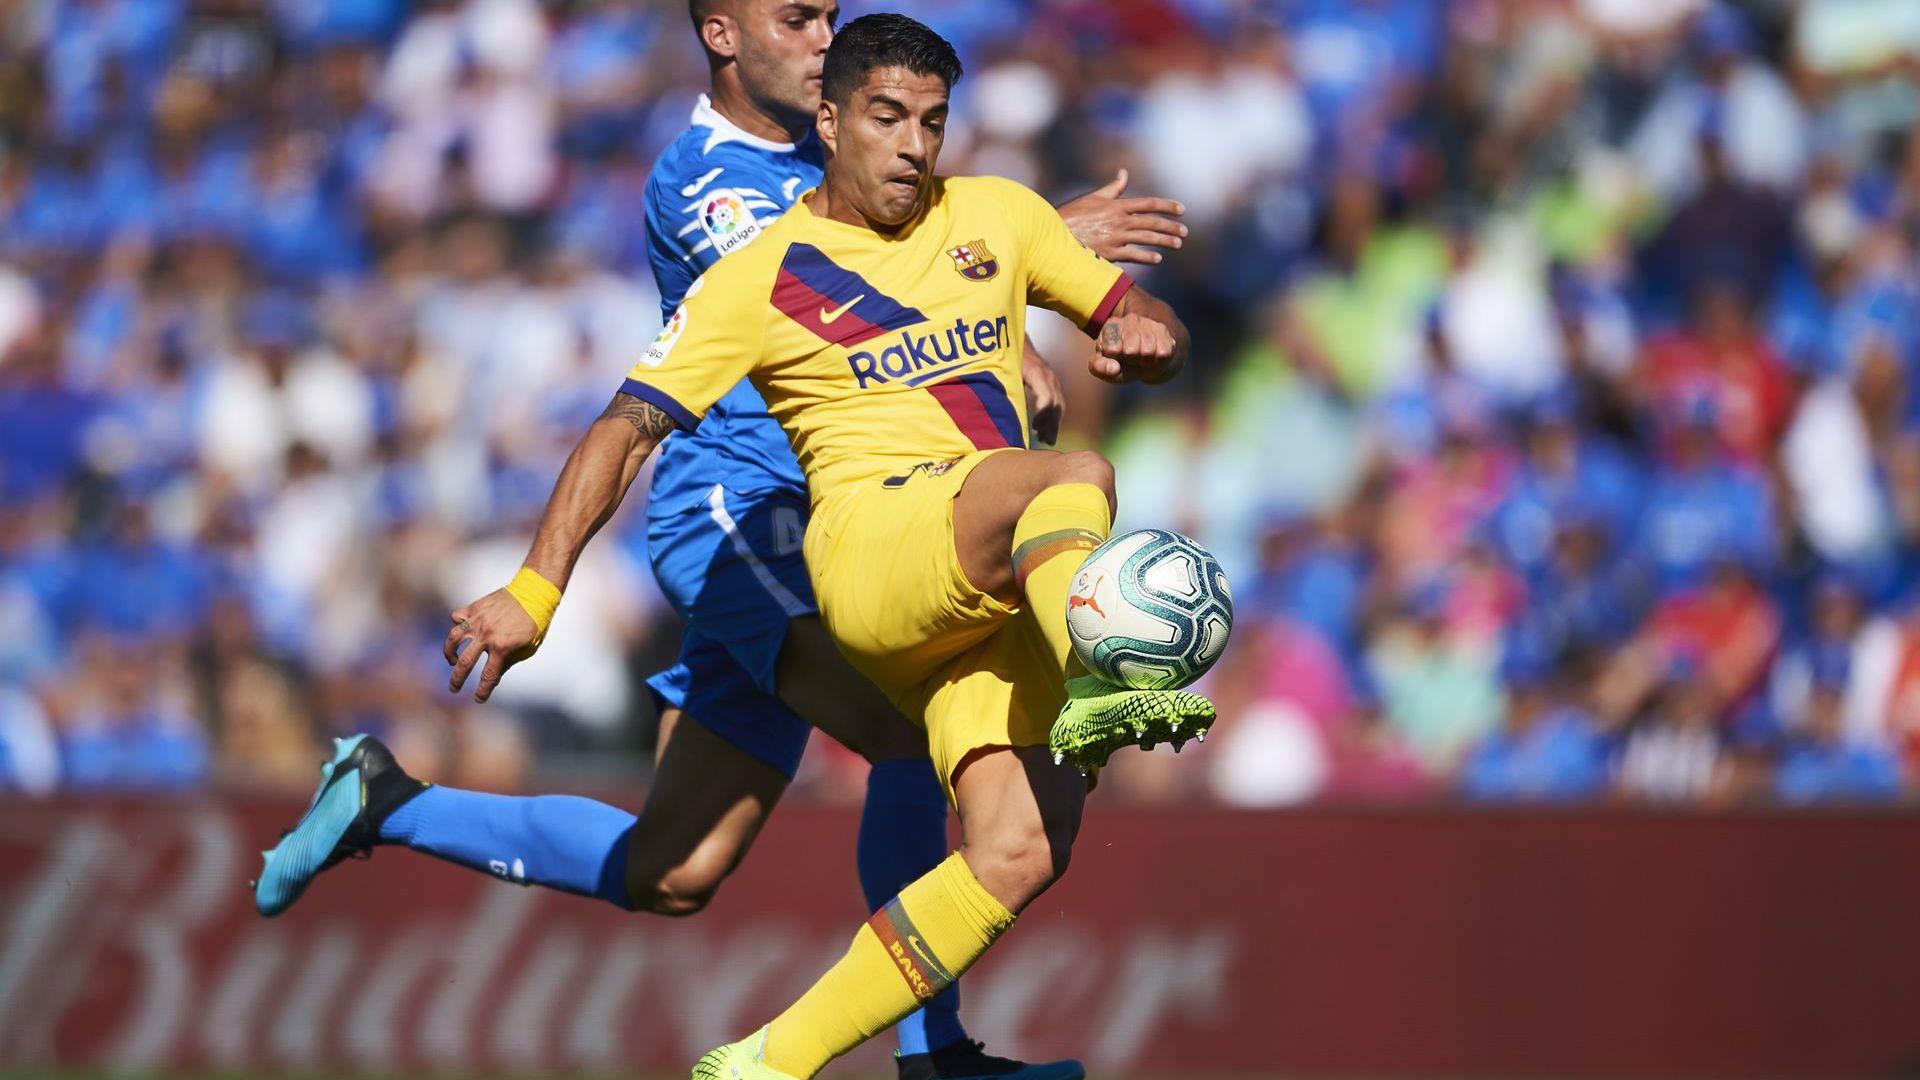 Меси липсваше, но вратар вдъхнови Барса за важен успех в Мадрид